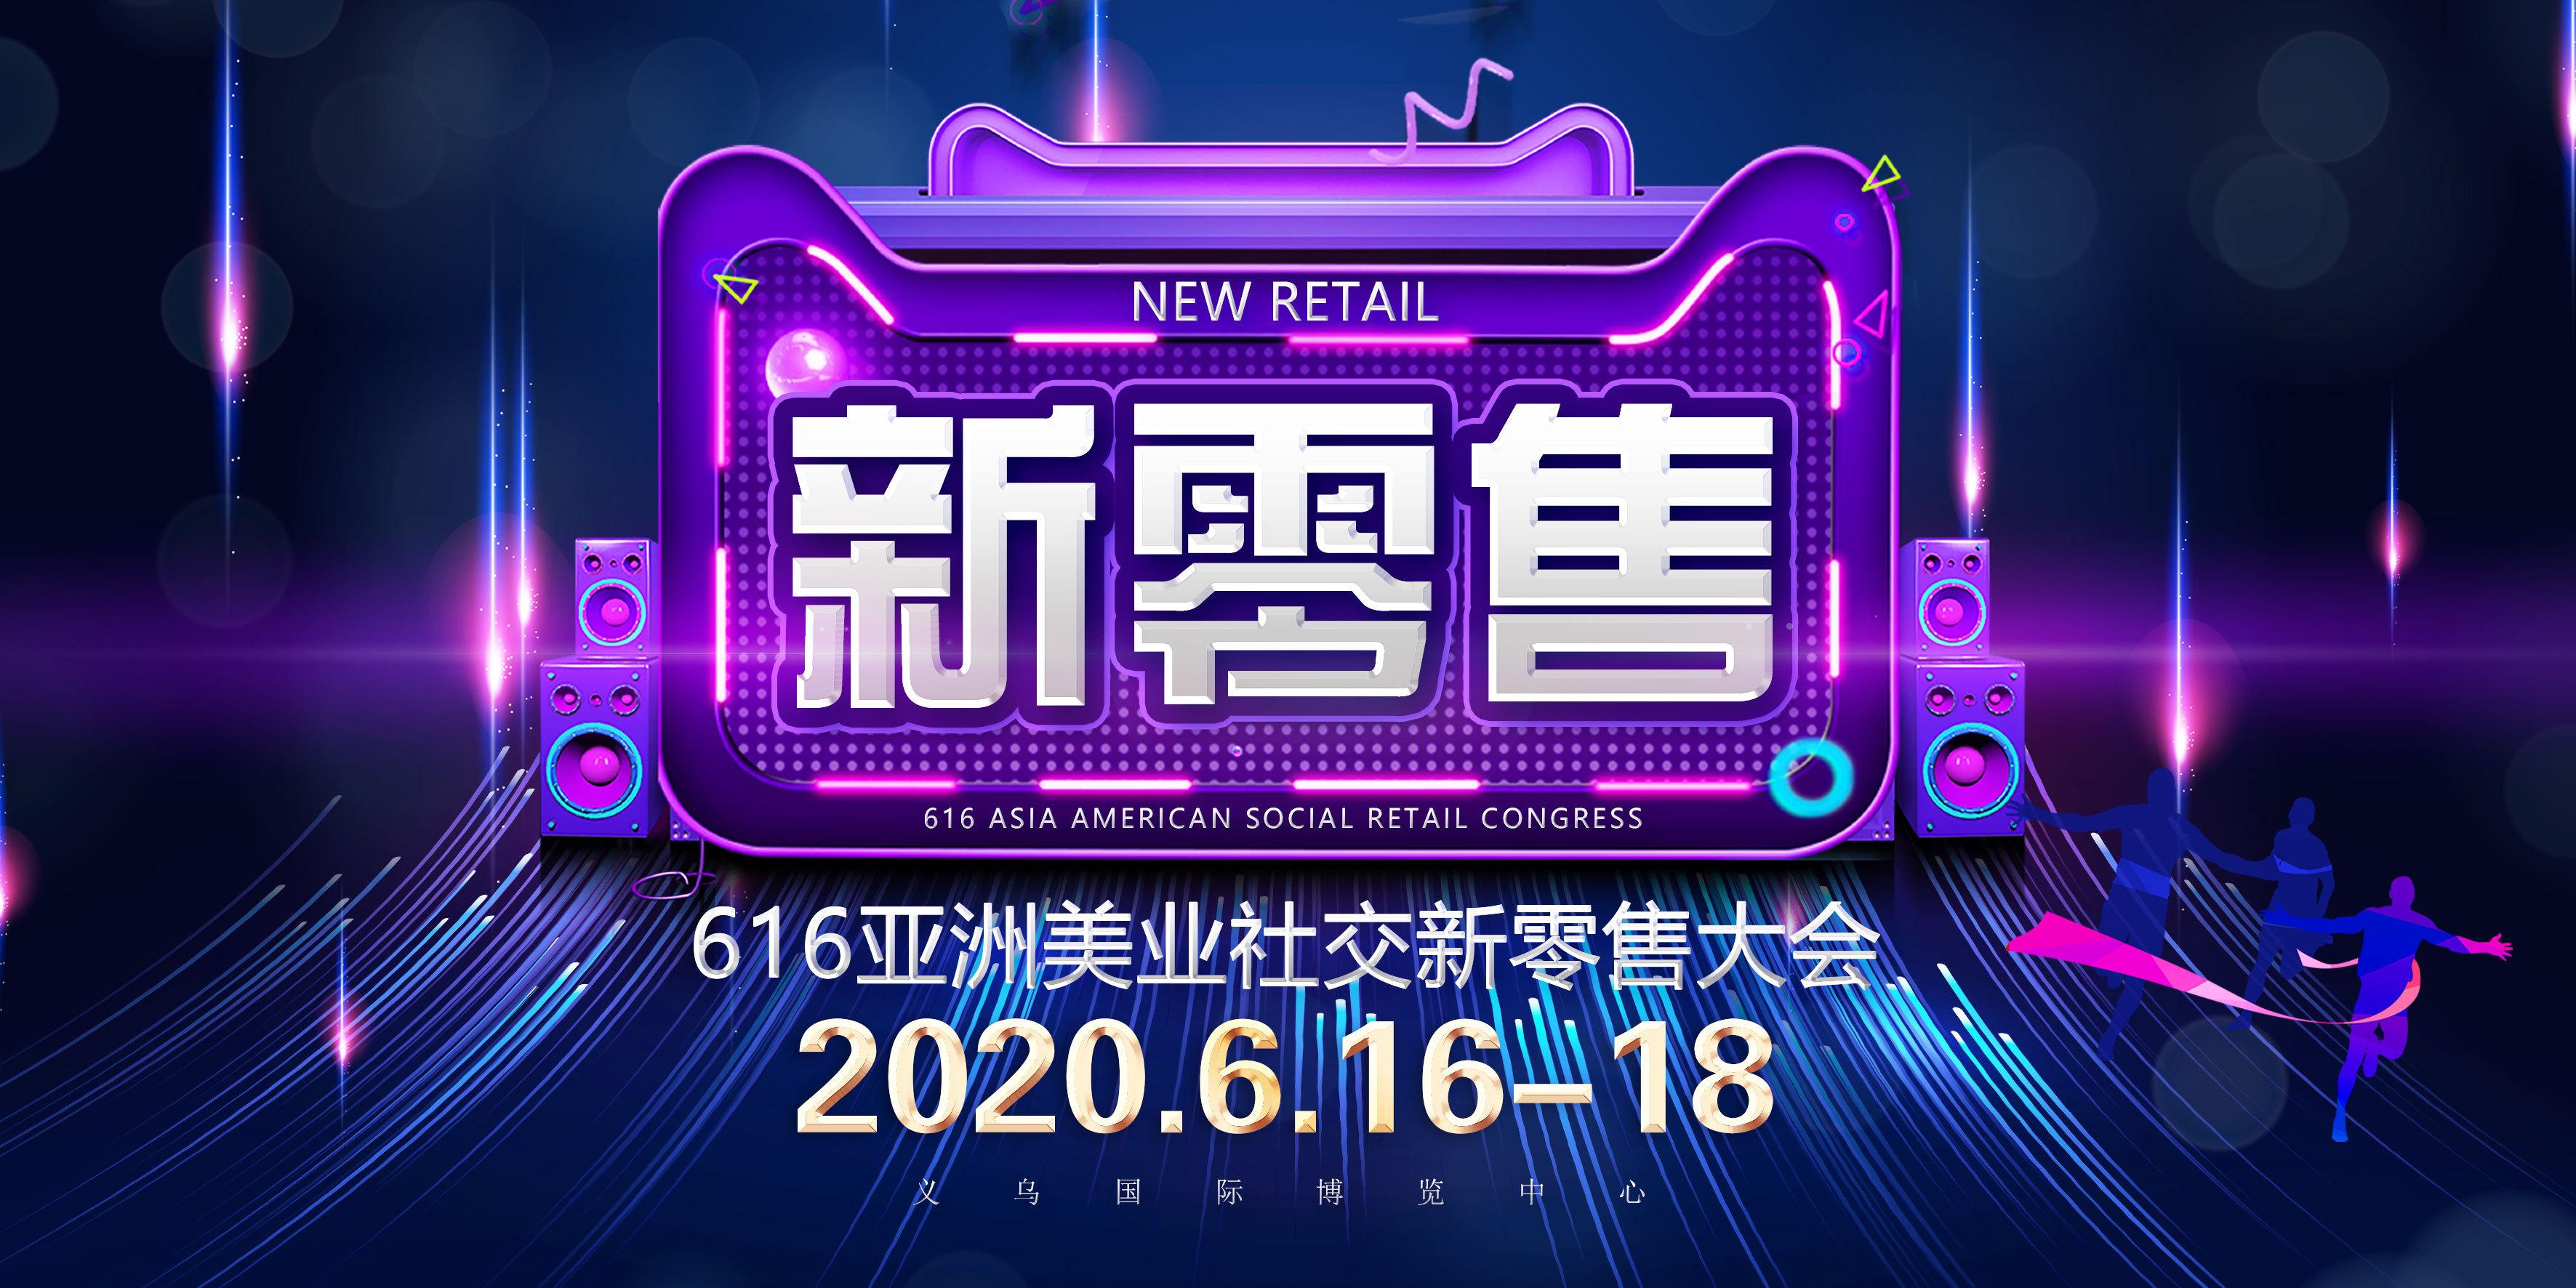 2020亚洲美业社交新零售大会